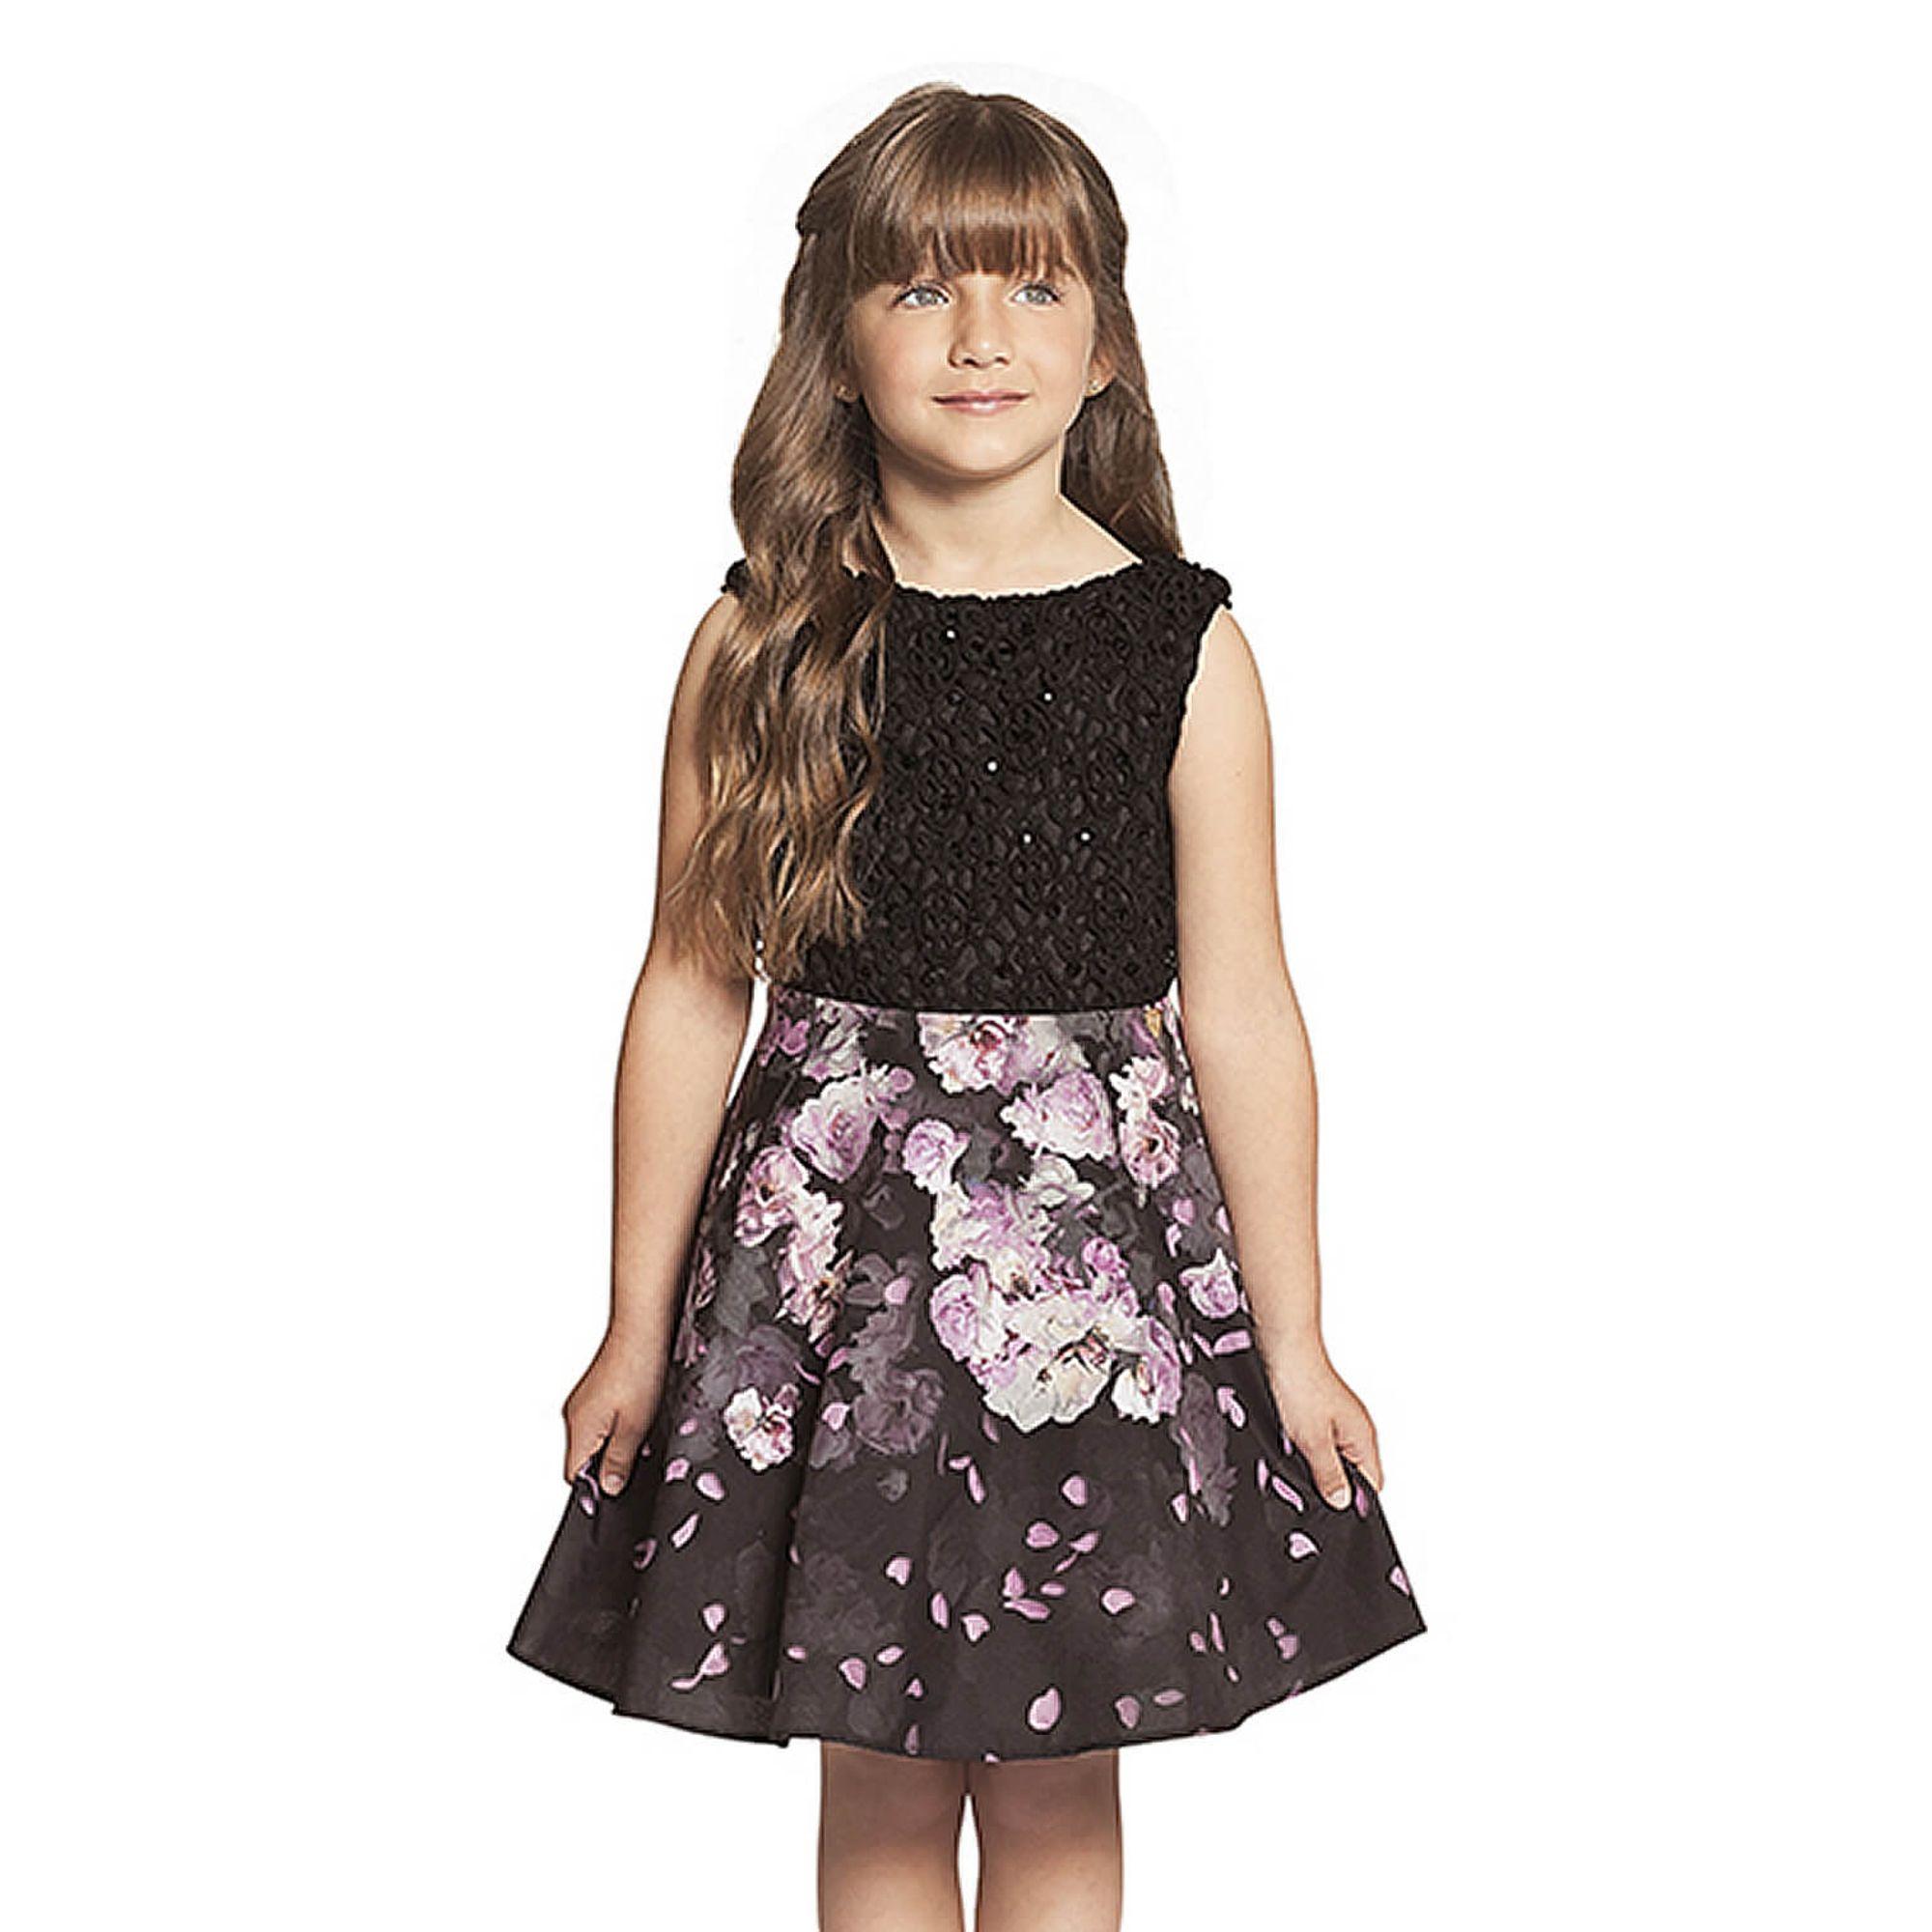 02894dfaf2 Vestido Infantil Renda Preta e Saia Rodada Flores Guipir - Ninali